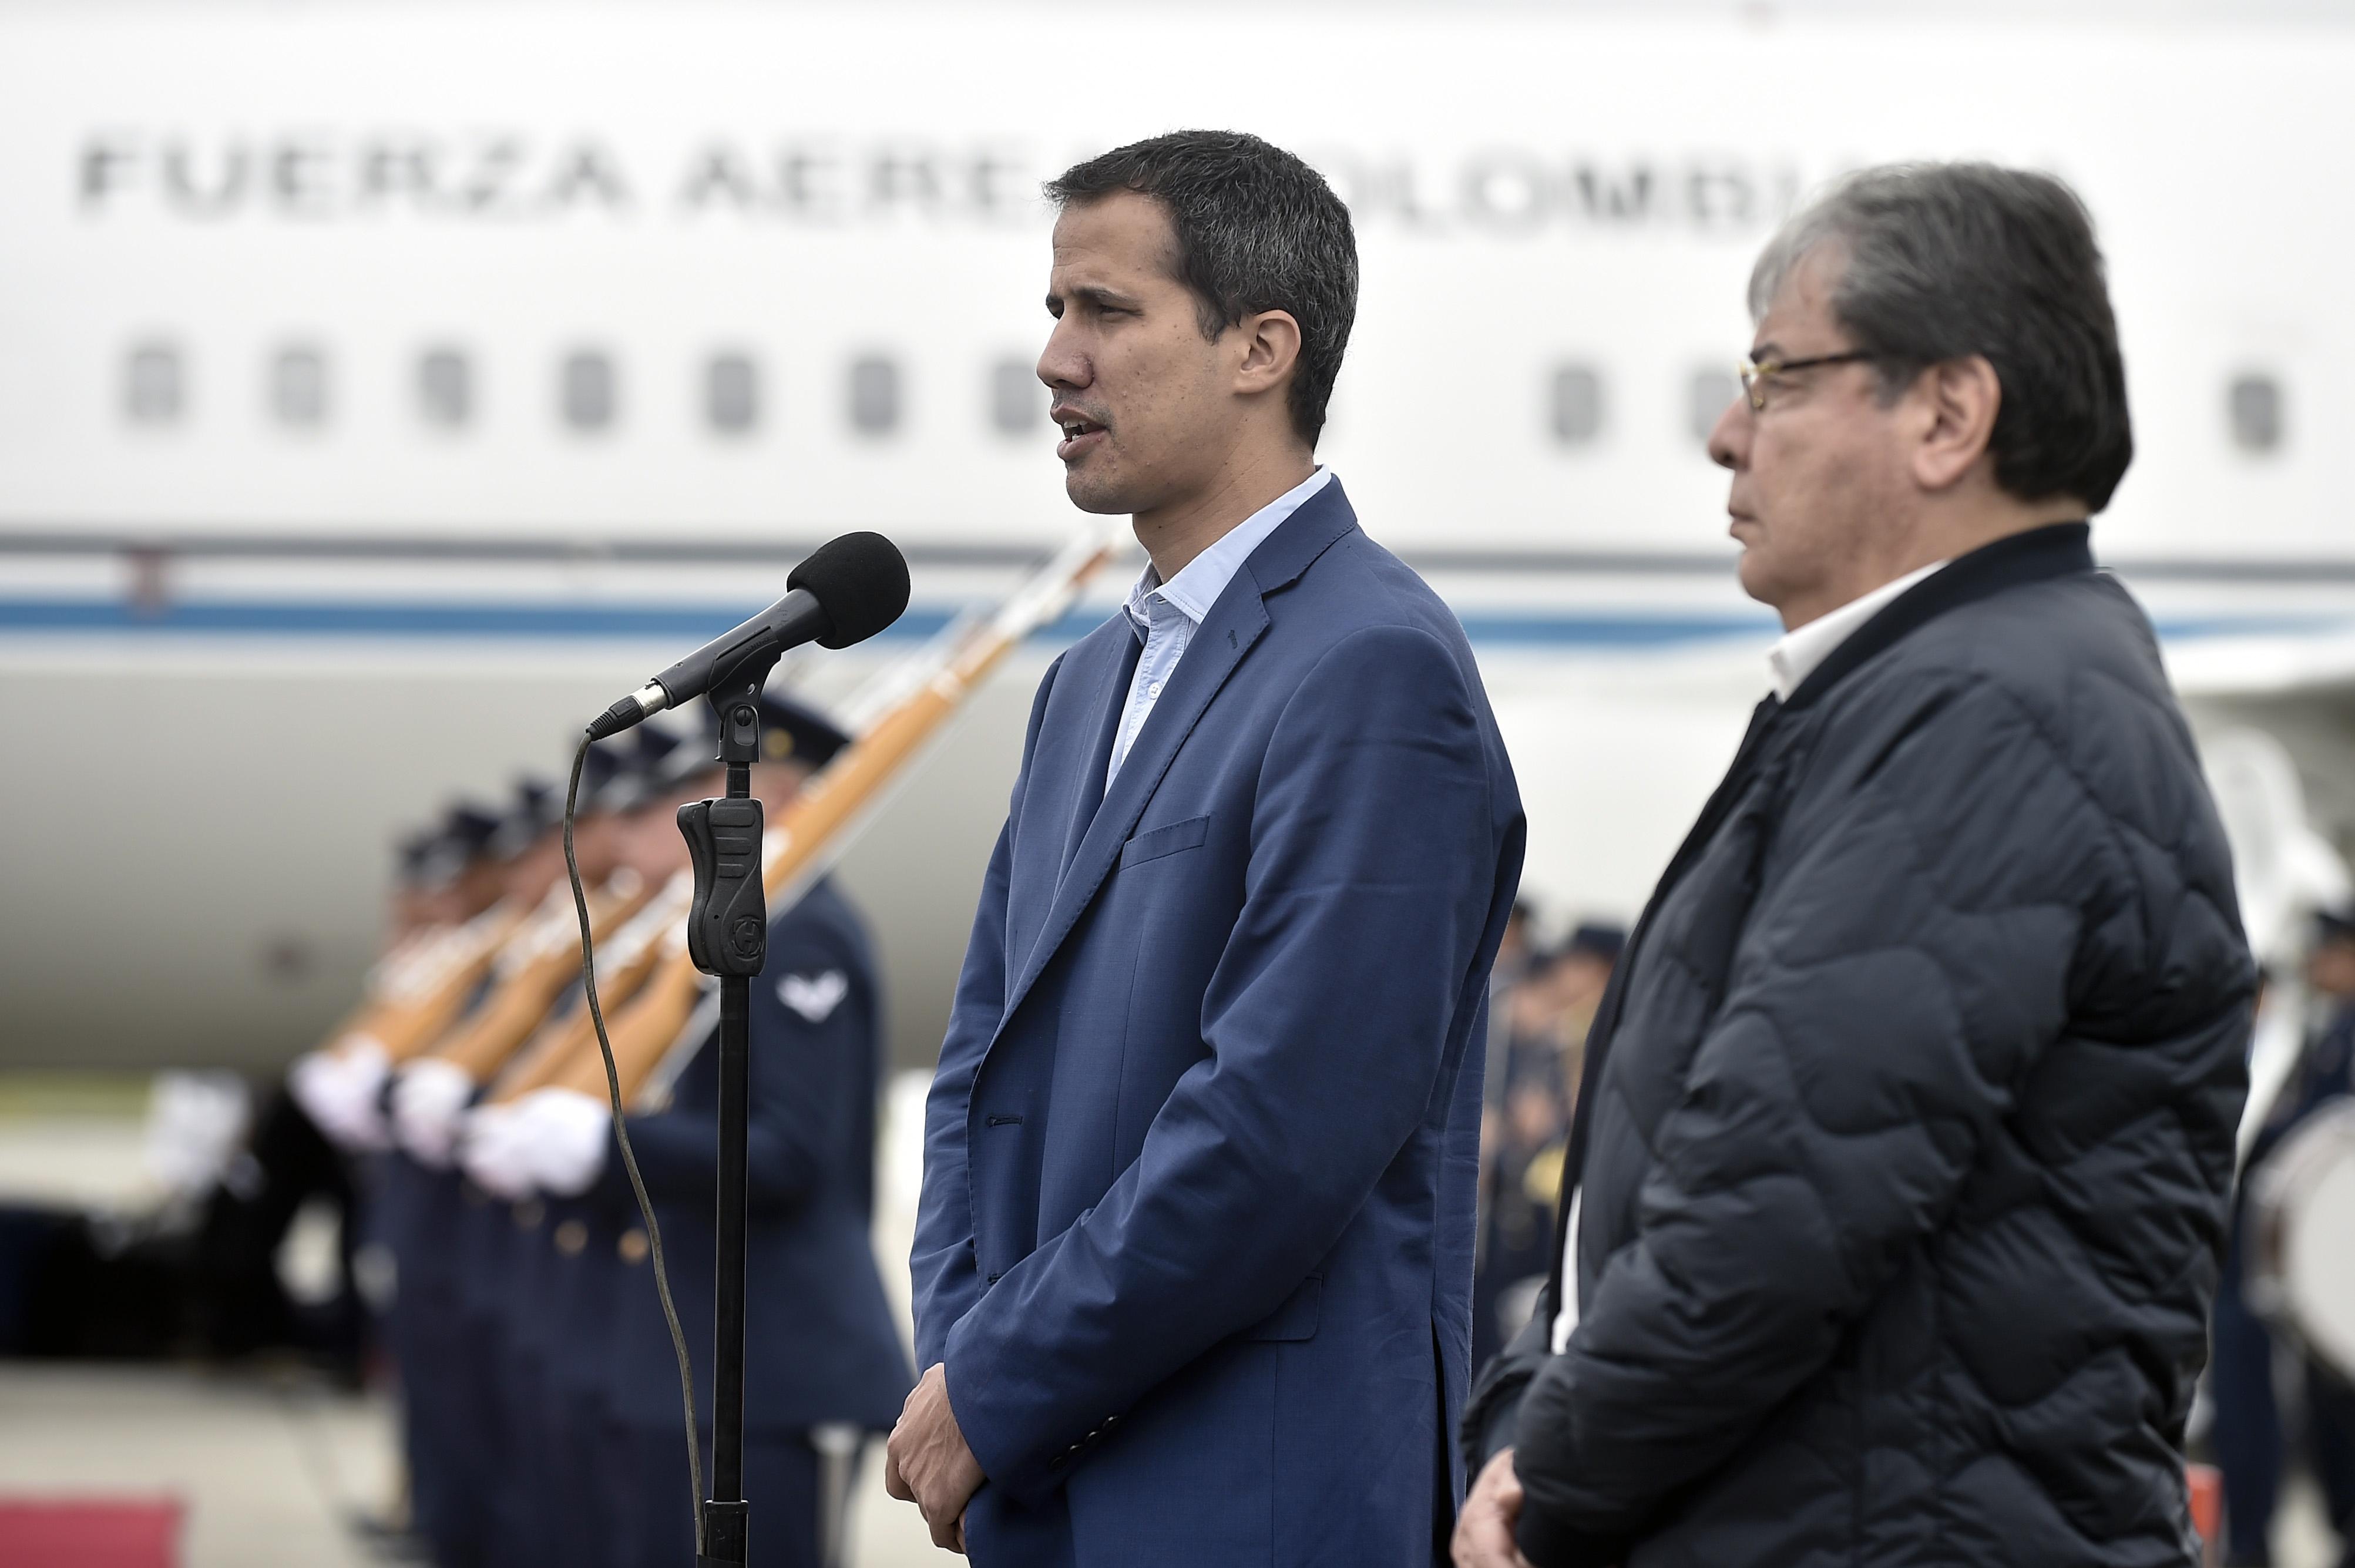 Juan Guaidoy el canciller colombiano Carlos Holmes Trujillodurante una conferencia de prensa tras la llegada a Bogotá del presidente interino de Venezuela (EFRAIN HERRERA /Presidencia de Colombia/ AFP)